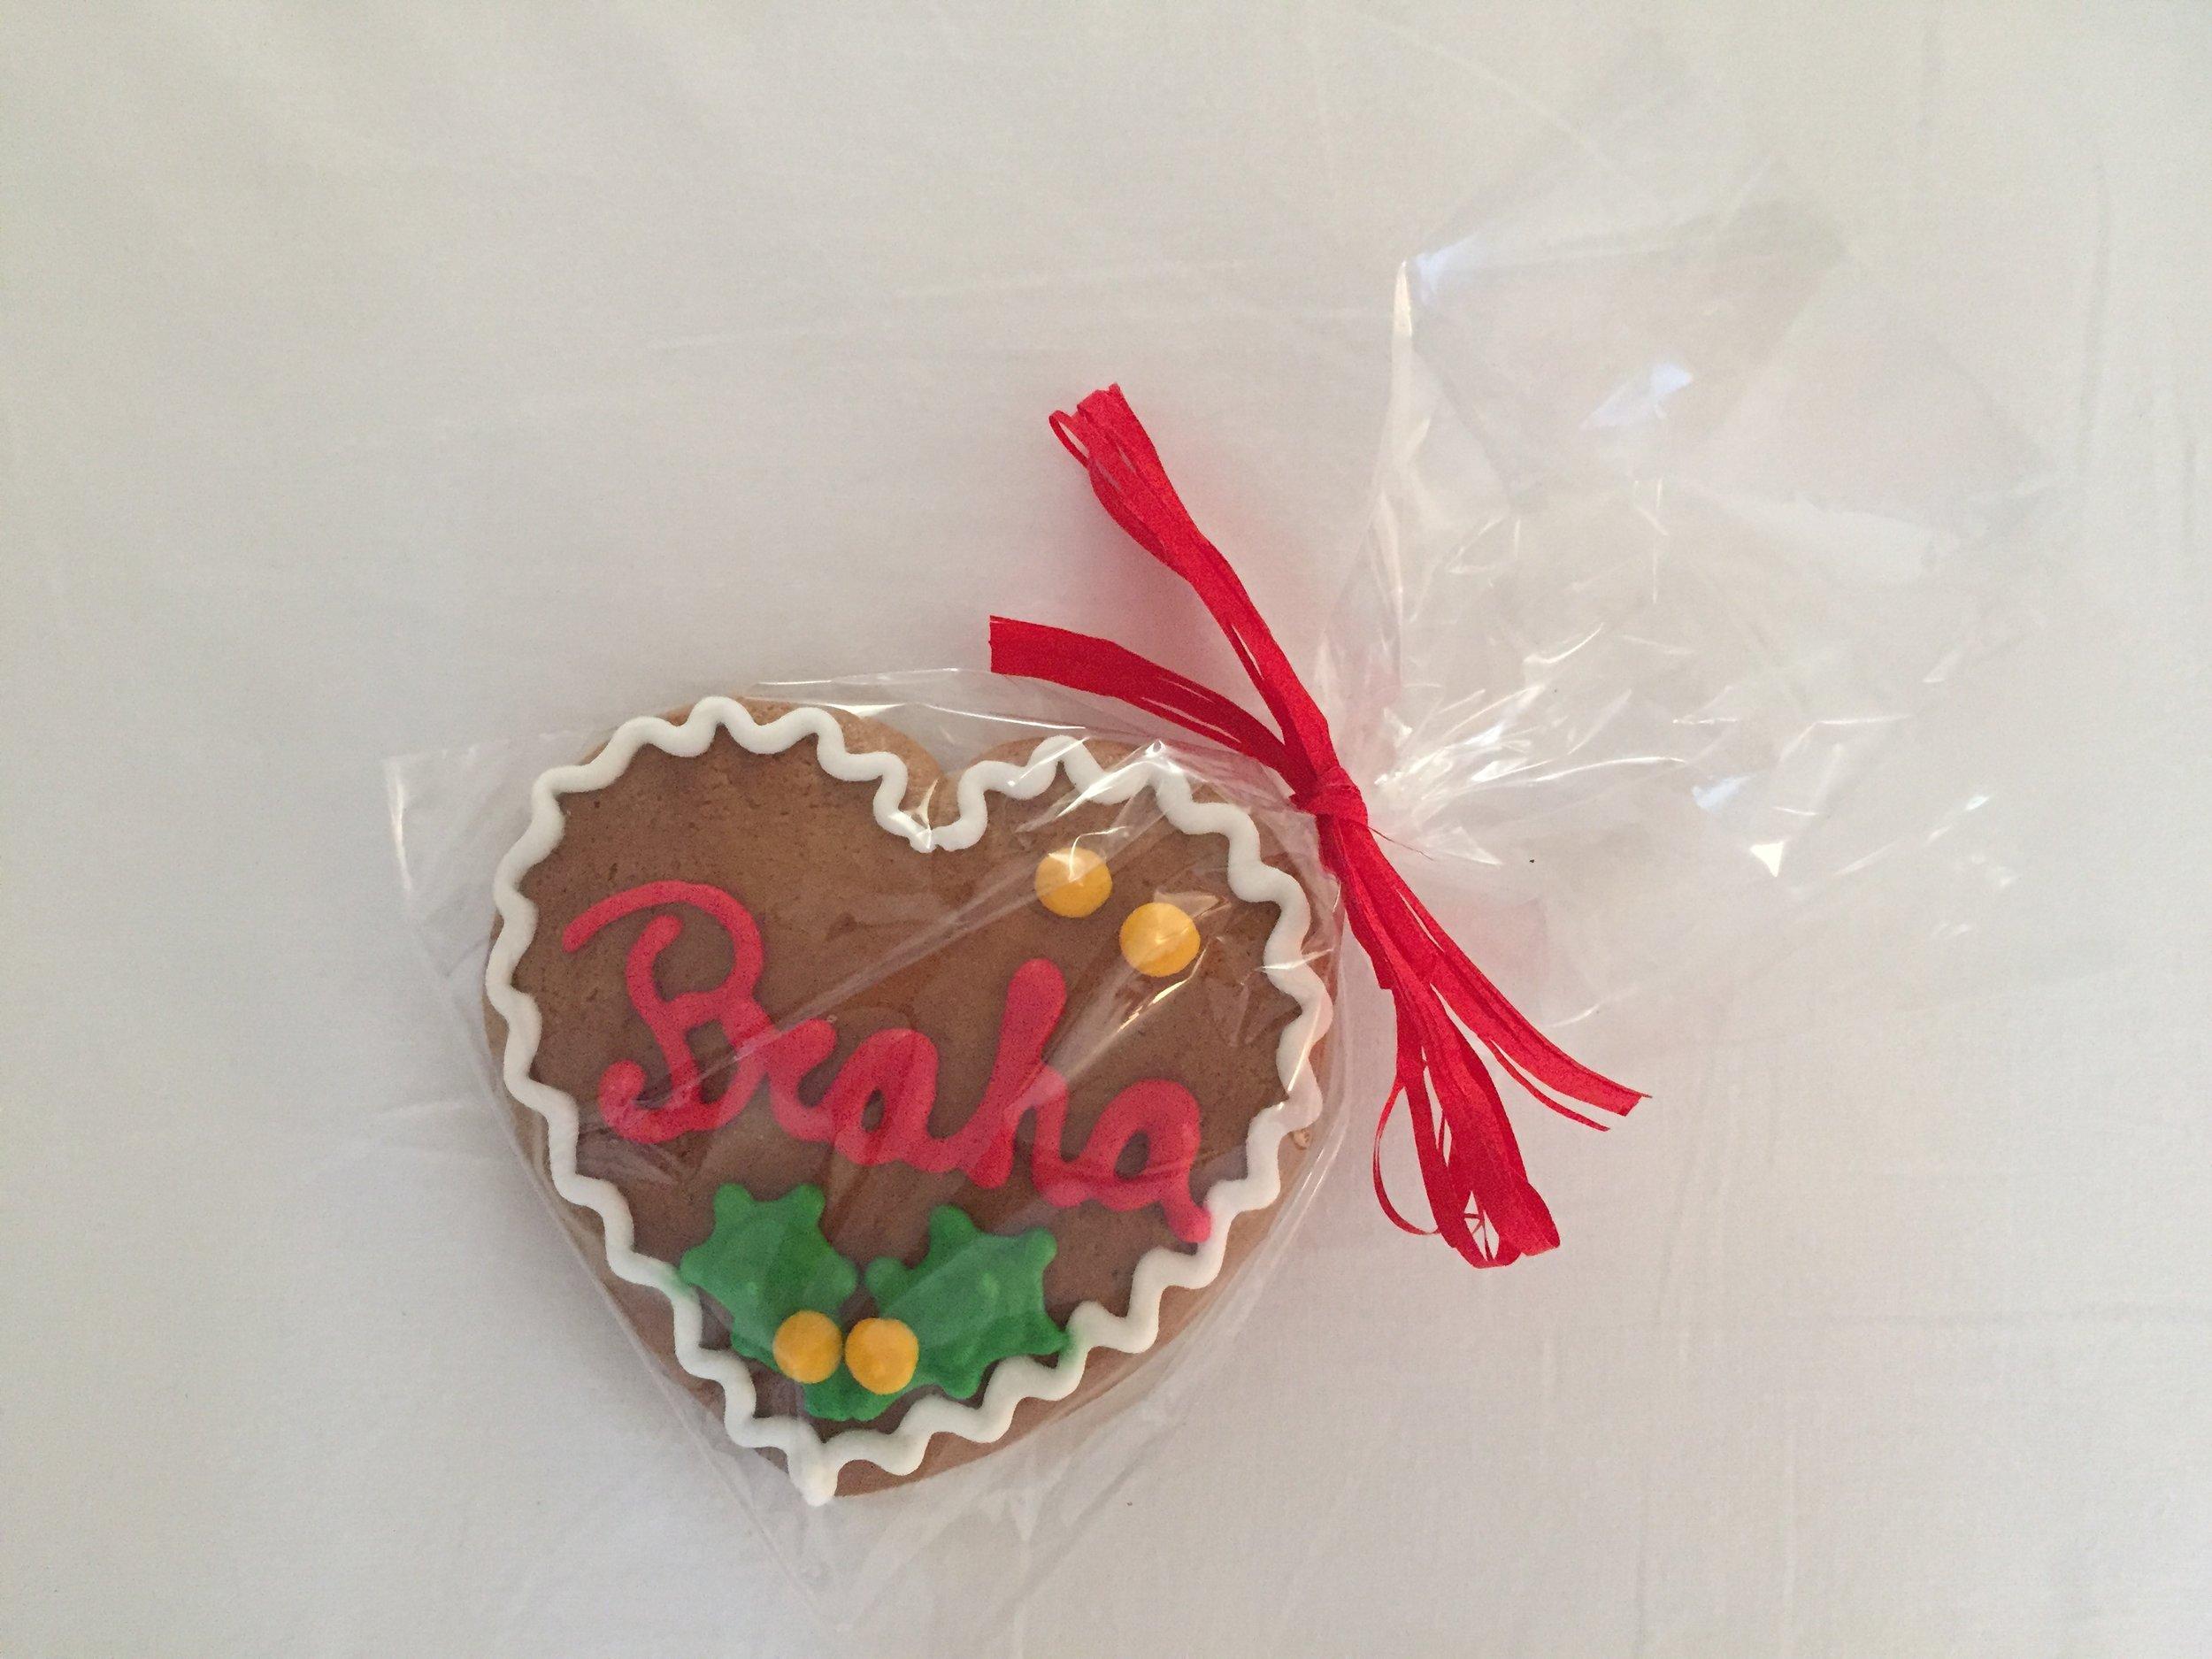 gingerbread heart (Prague, Czech Republic)